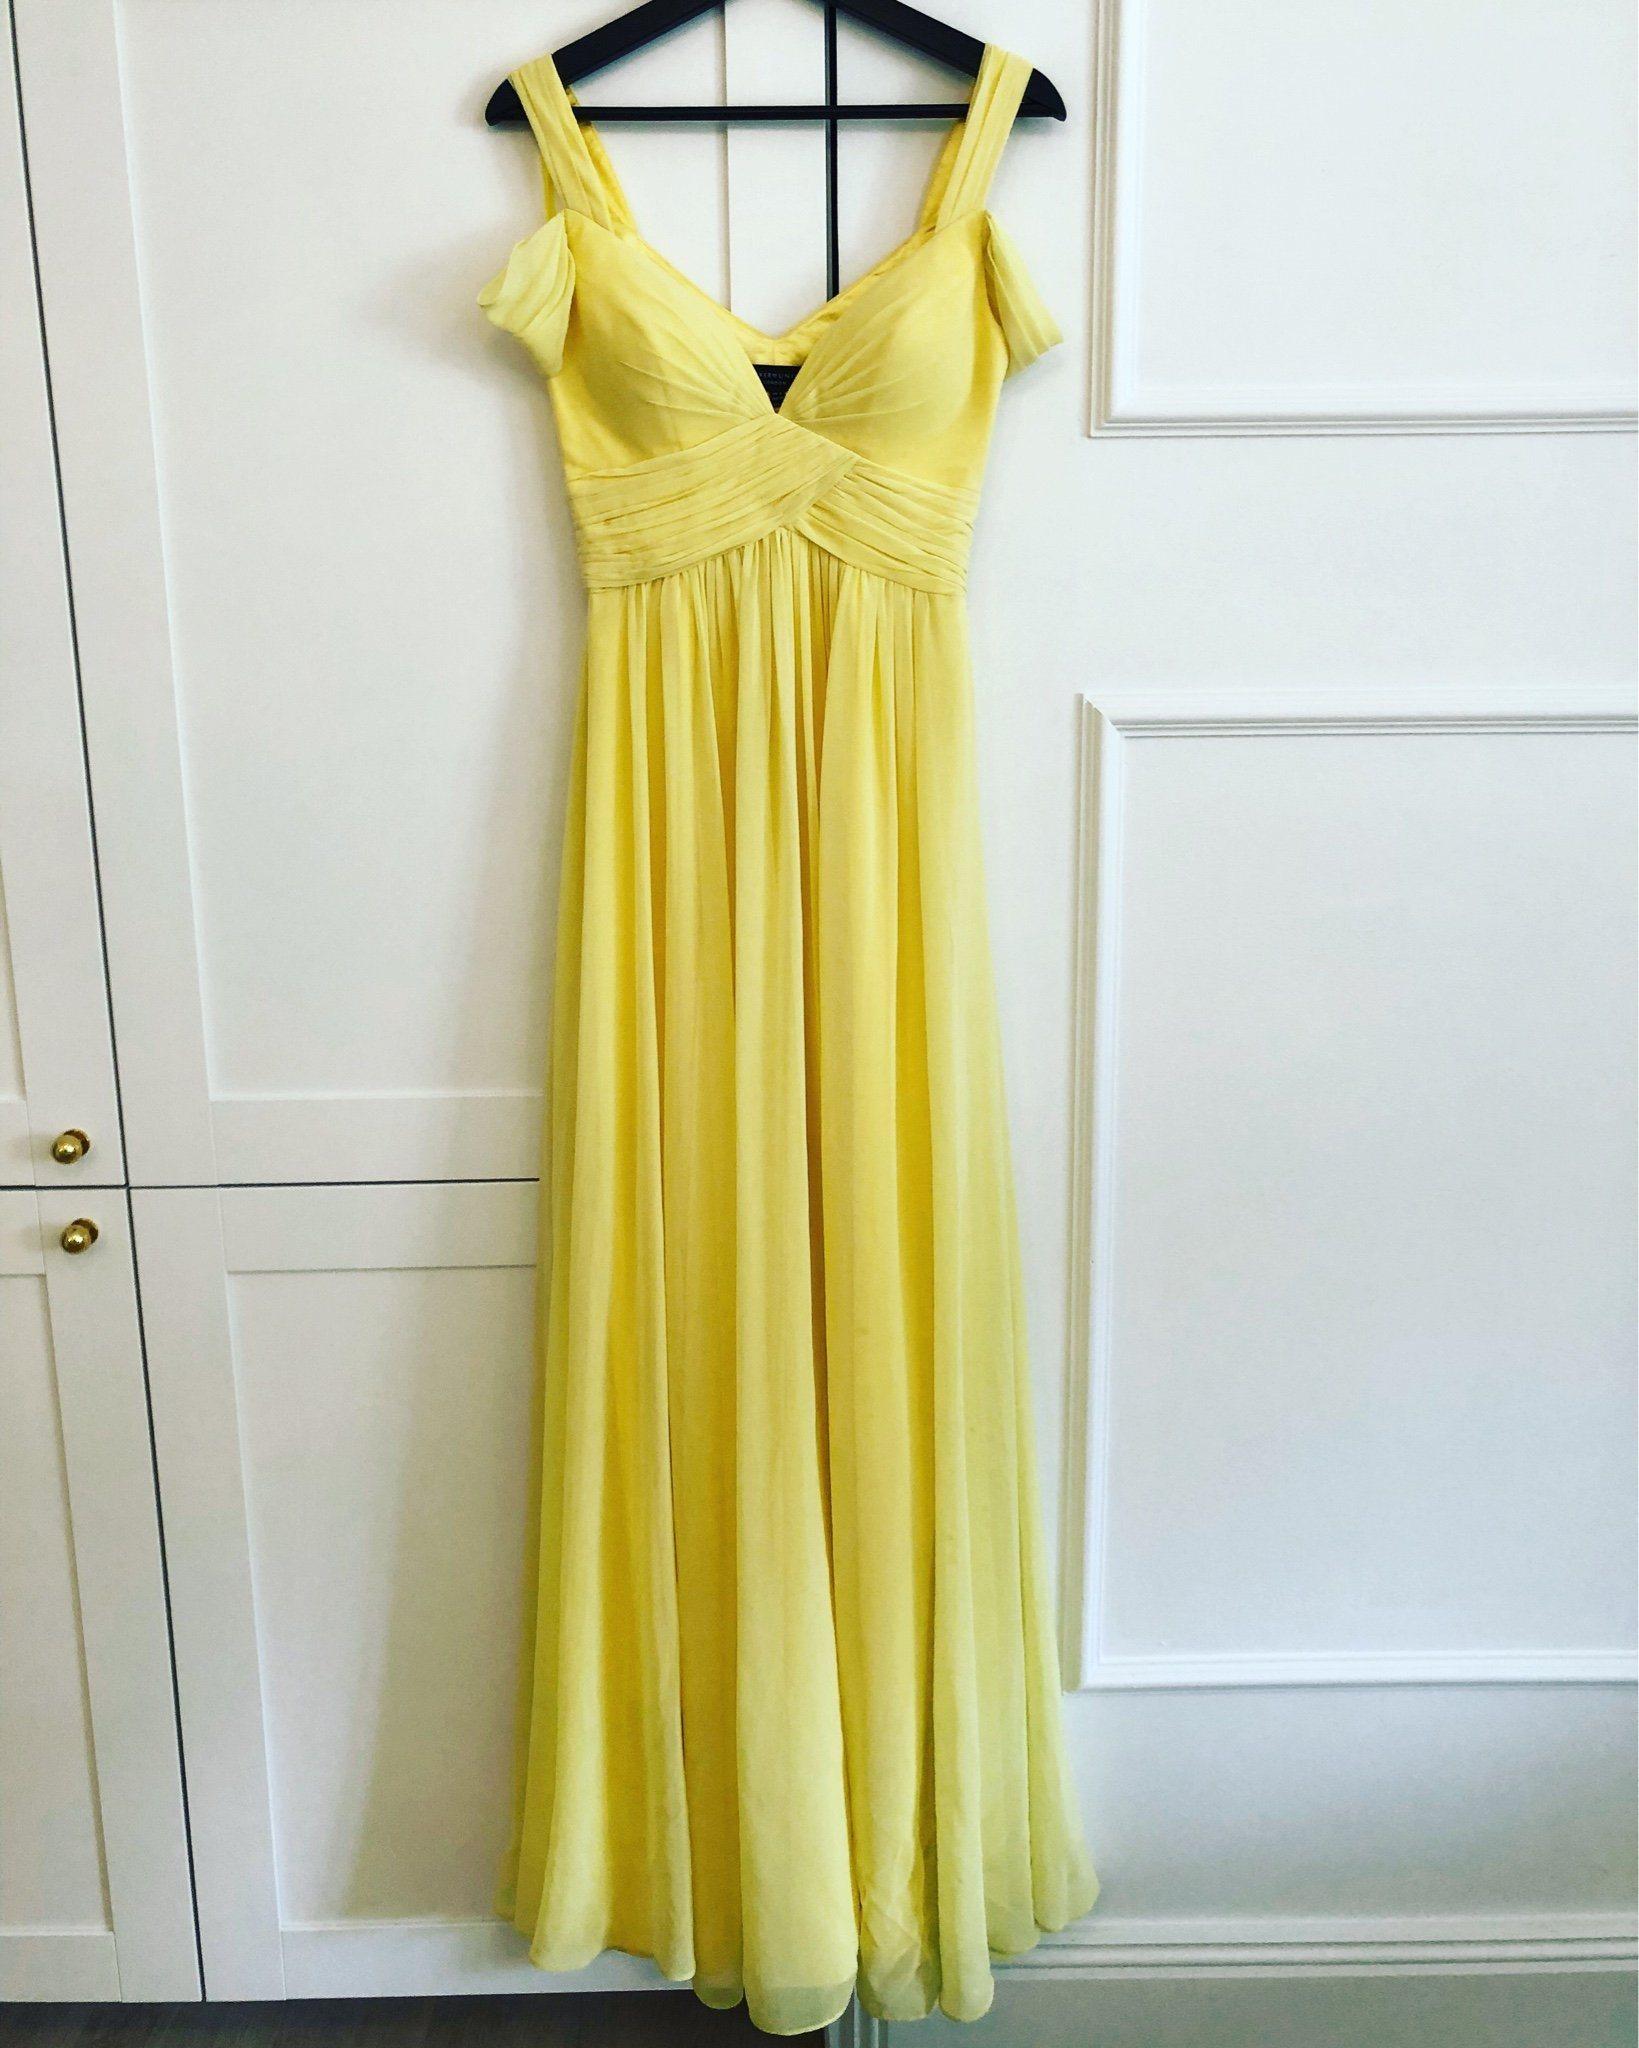 3a7c232a0716 Forever unique klänning/balklänning/festklänning (348418734) ᐈ Köp ...